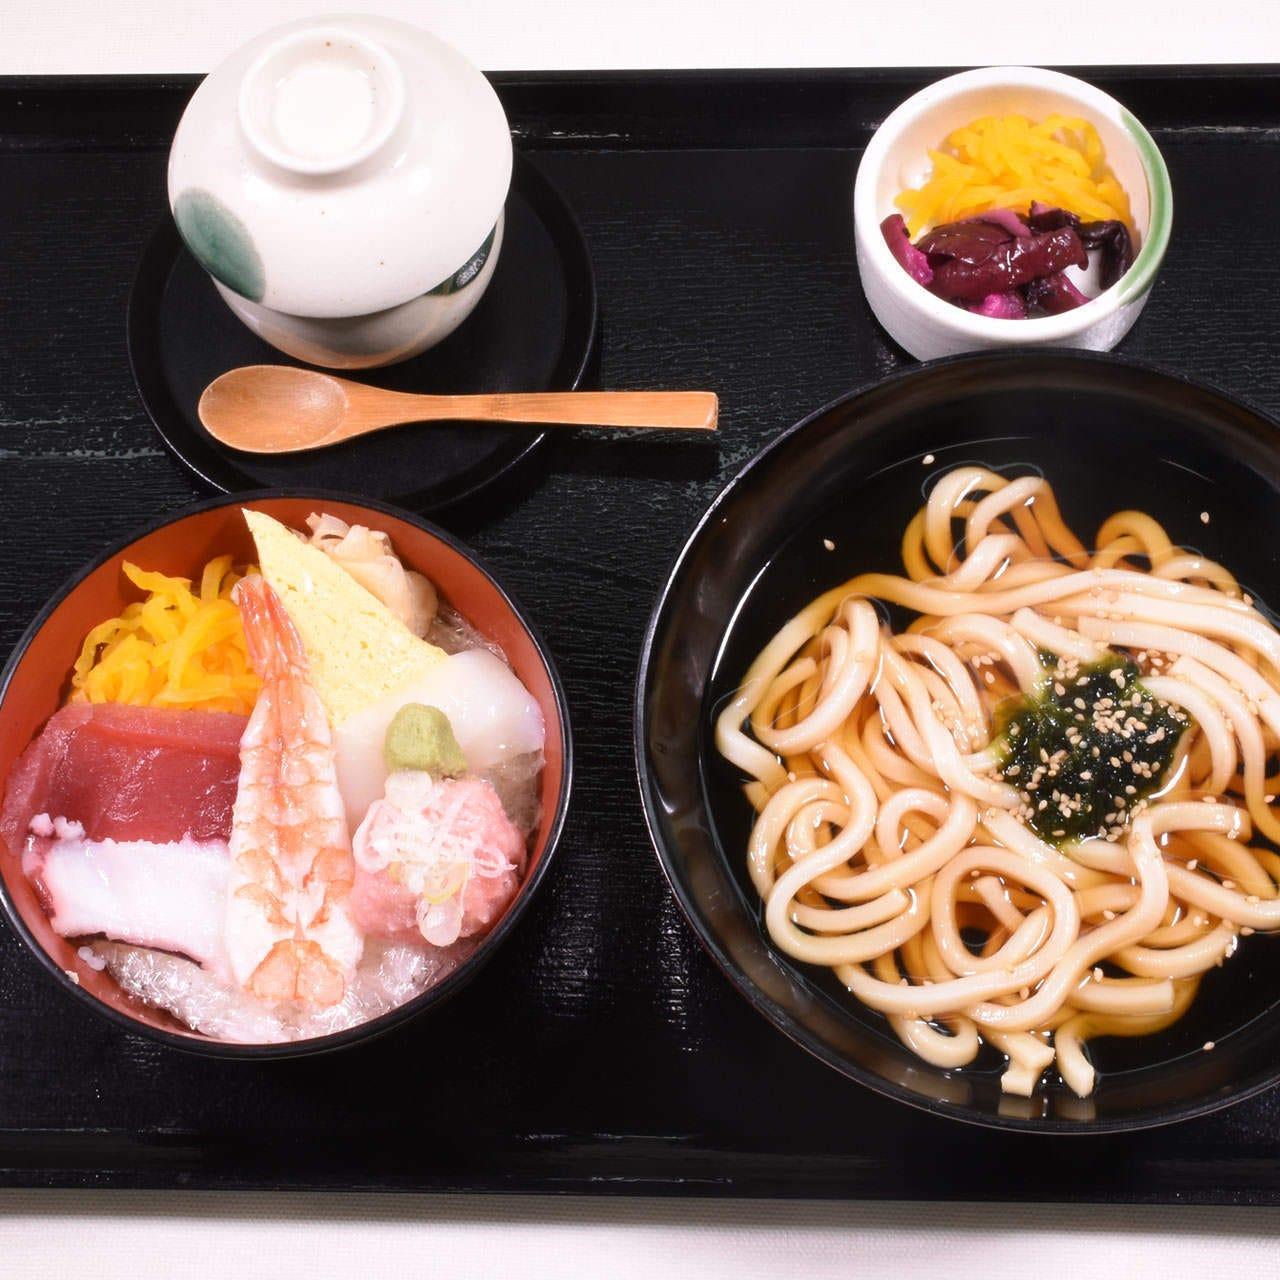 海鮮丼・うどんセット 880円(税込)